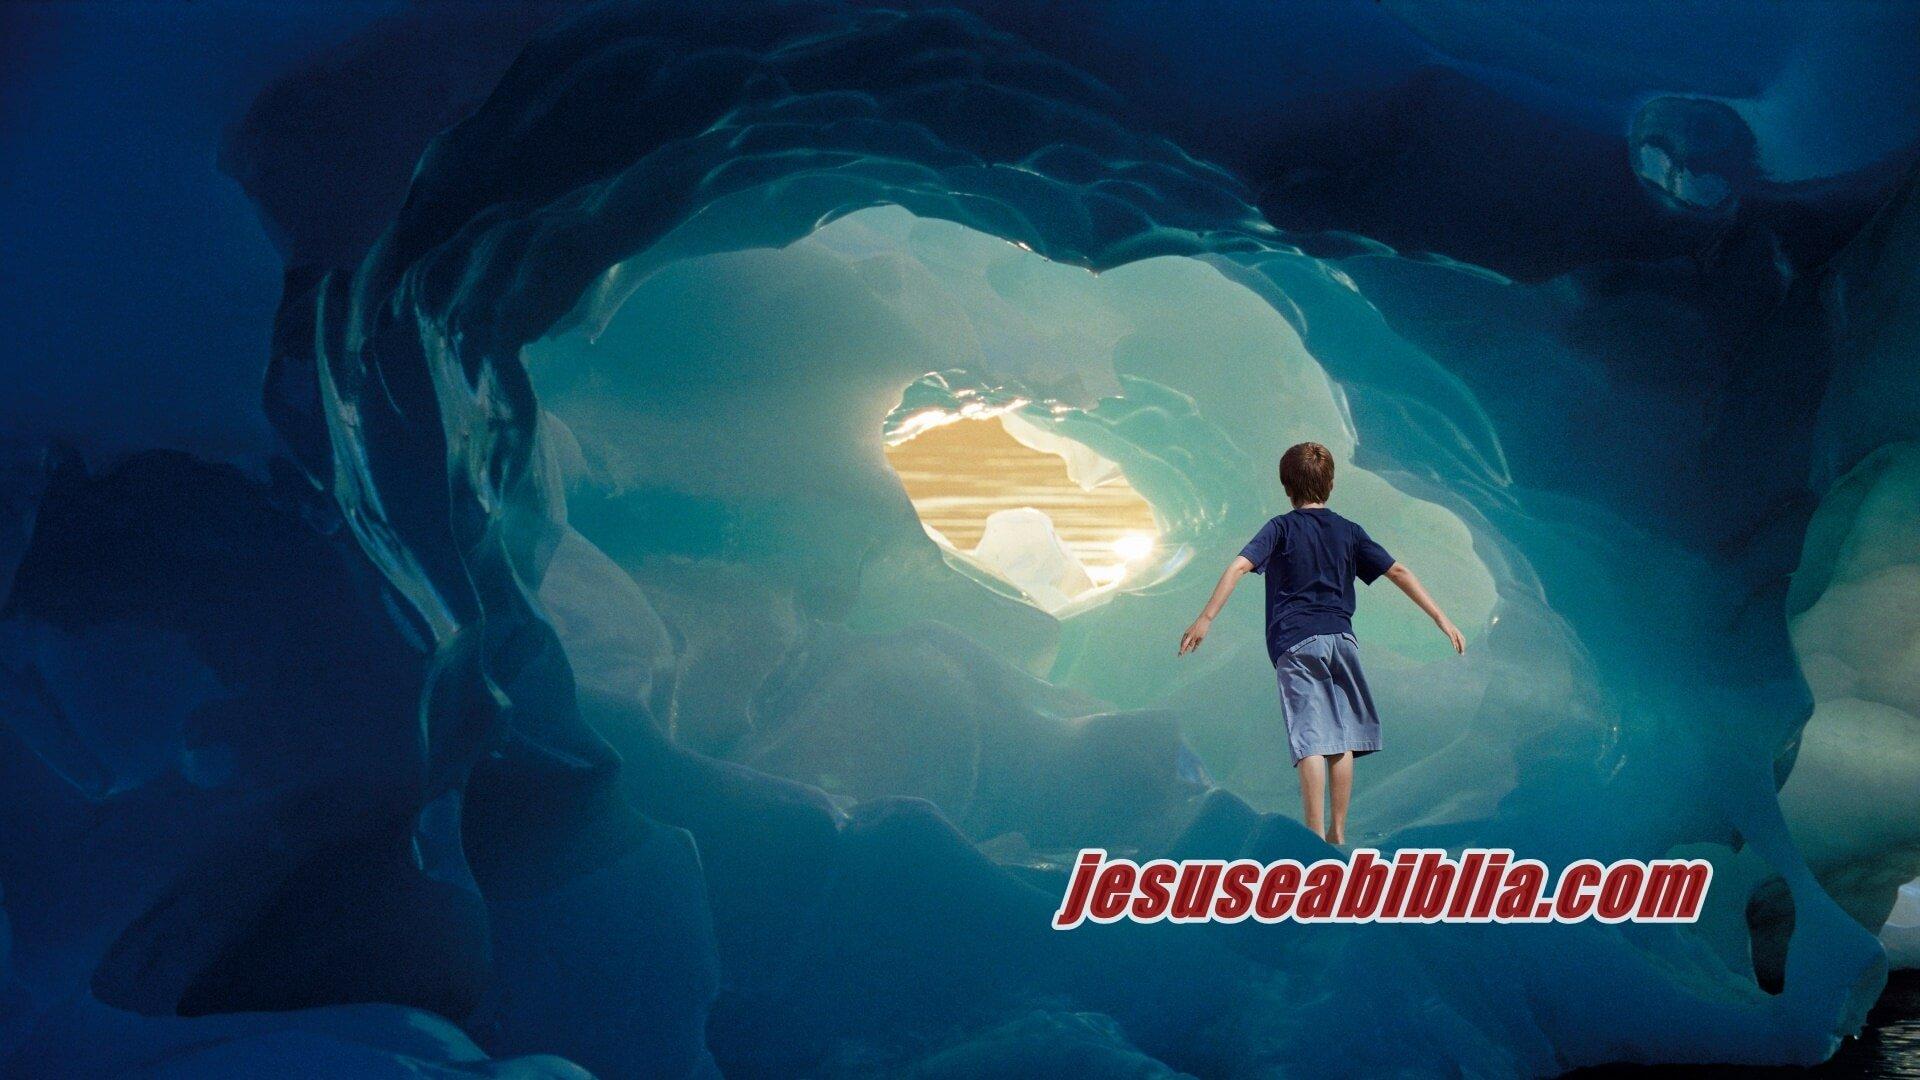 Versículos de Esperança em Deus